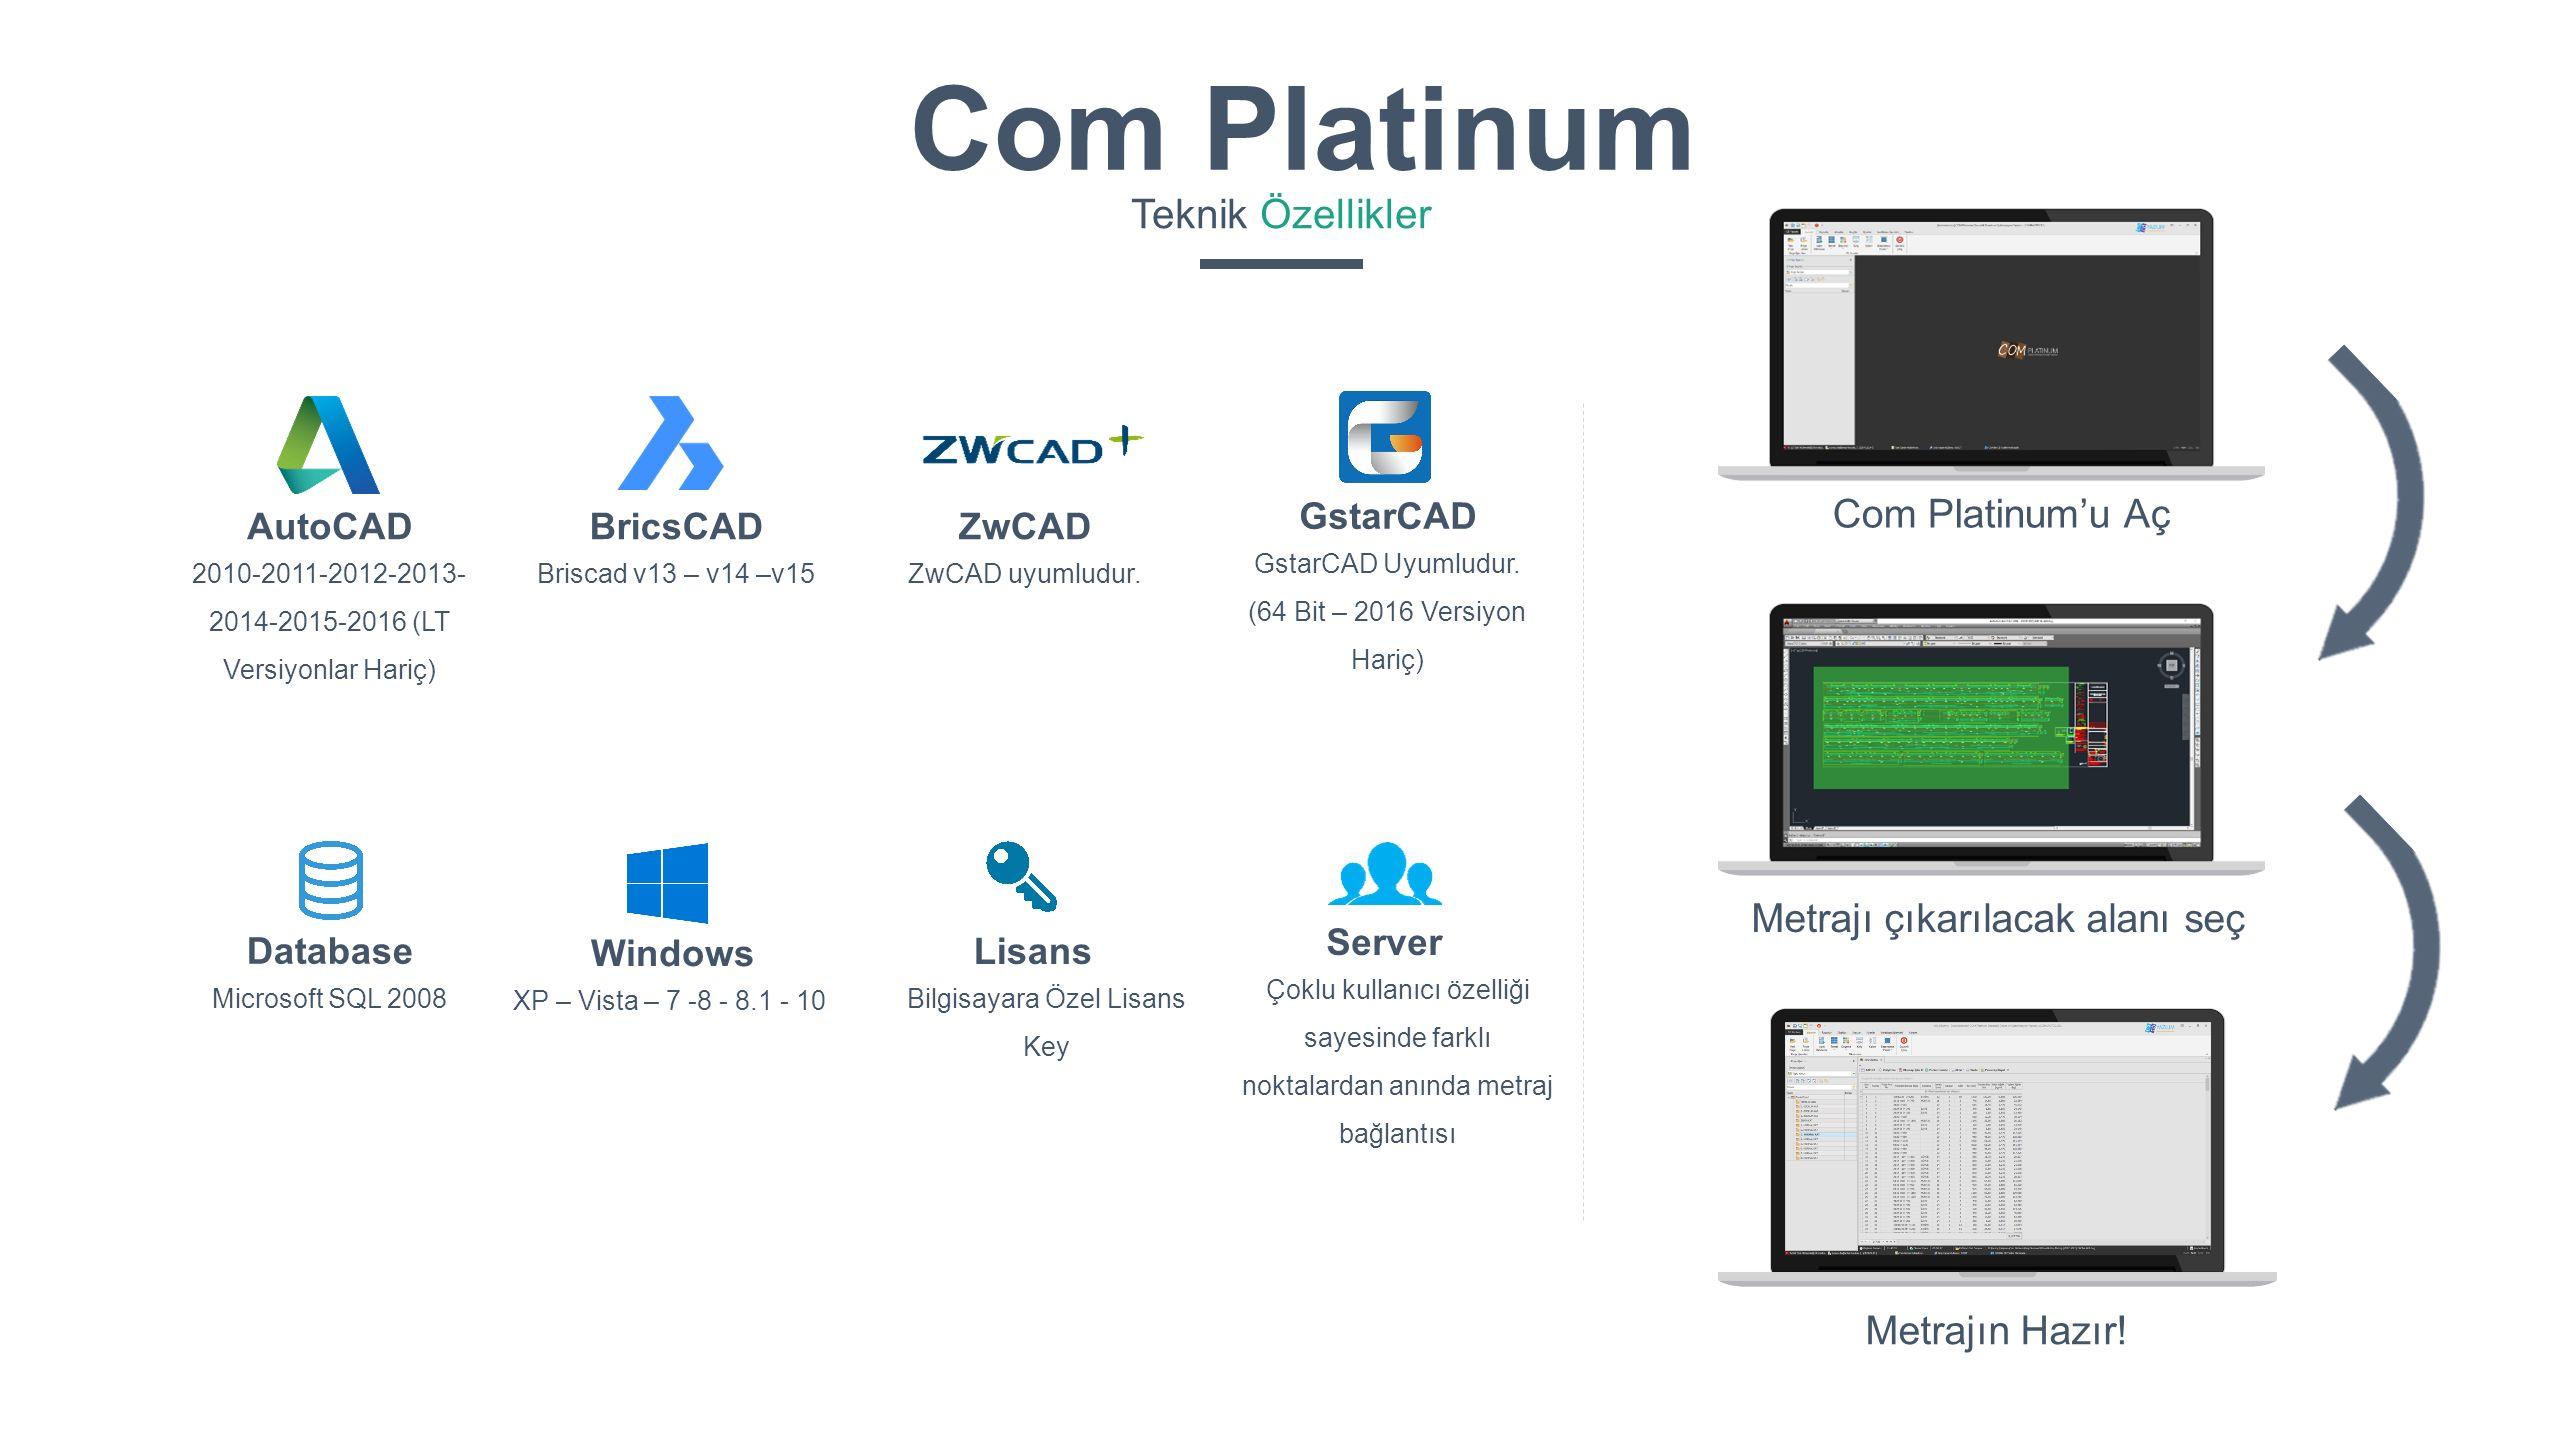 Com Platinum Teknik Özellikler Çoklu kullanıcı özelliği sayesinde farklı noktalardan anında metraj bağlantısı Server Bilgisayara Özel Lisans Key Lisan